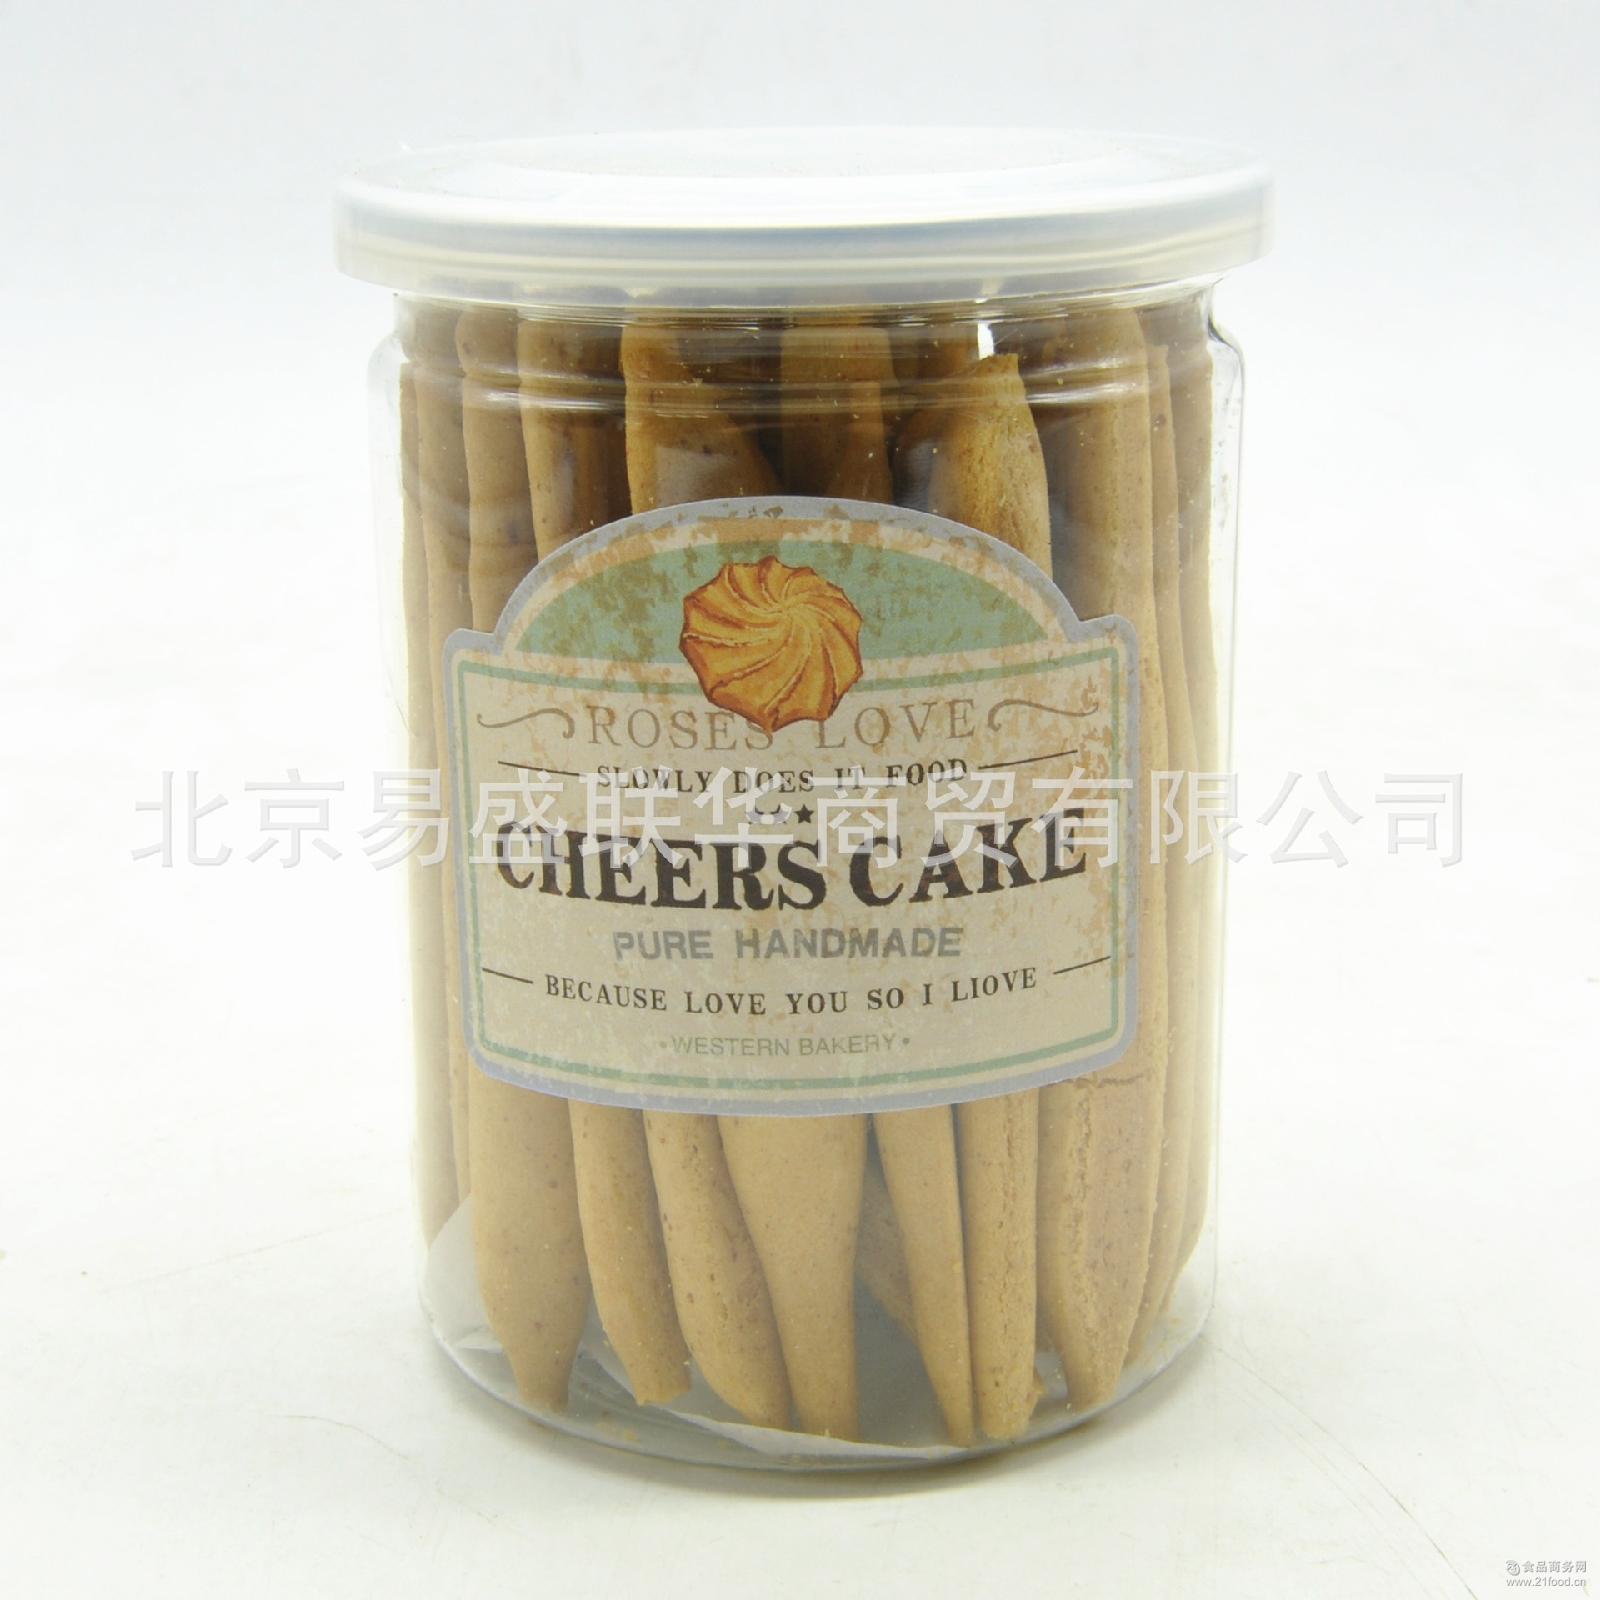 芝士棒曲奇饼干 盒装曲奇手信 精装曲奇 酒店餐厅咖啡甜品